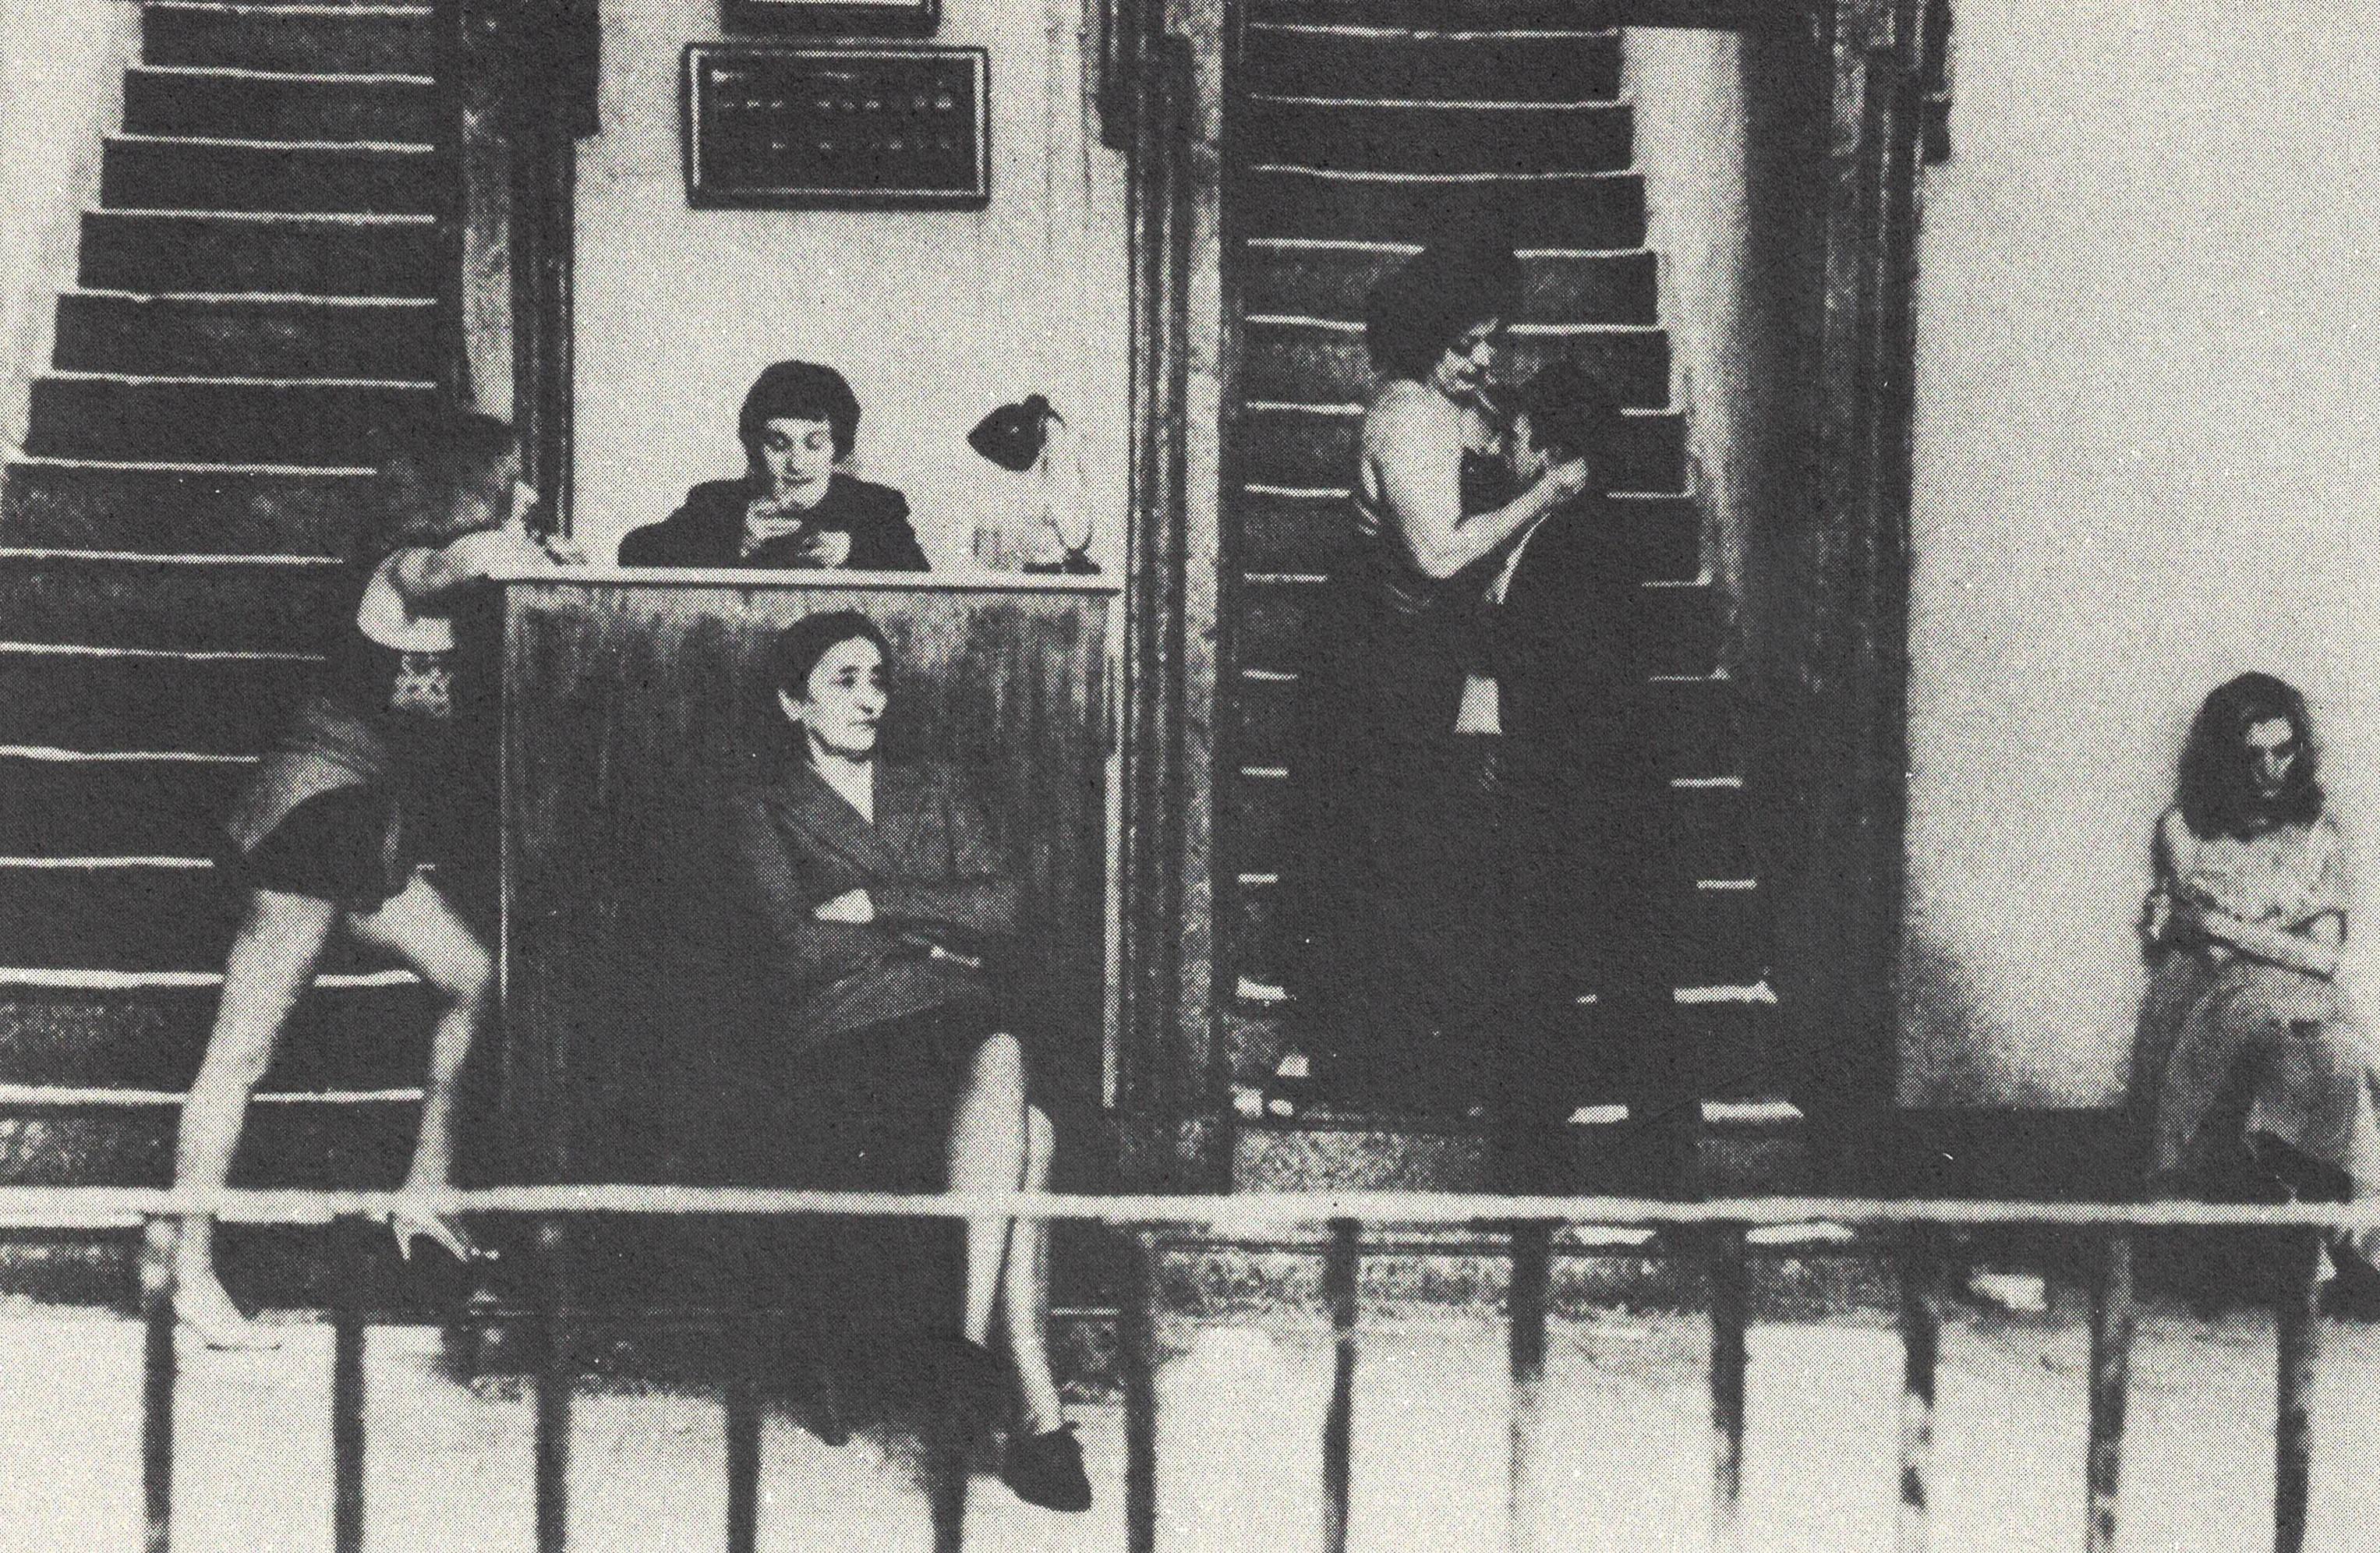 Figura 8. Roma de Fellini: prostitutas do bordel popular